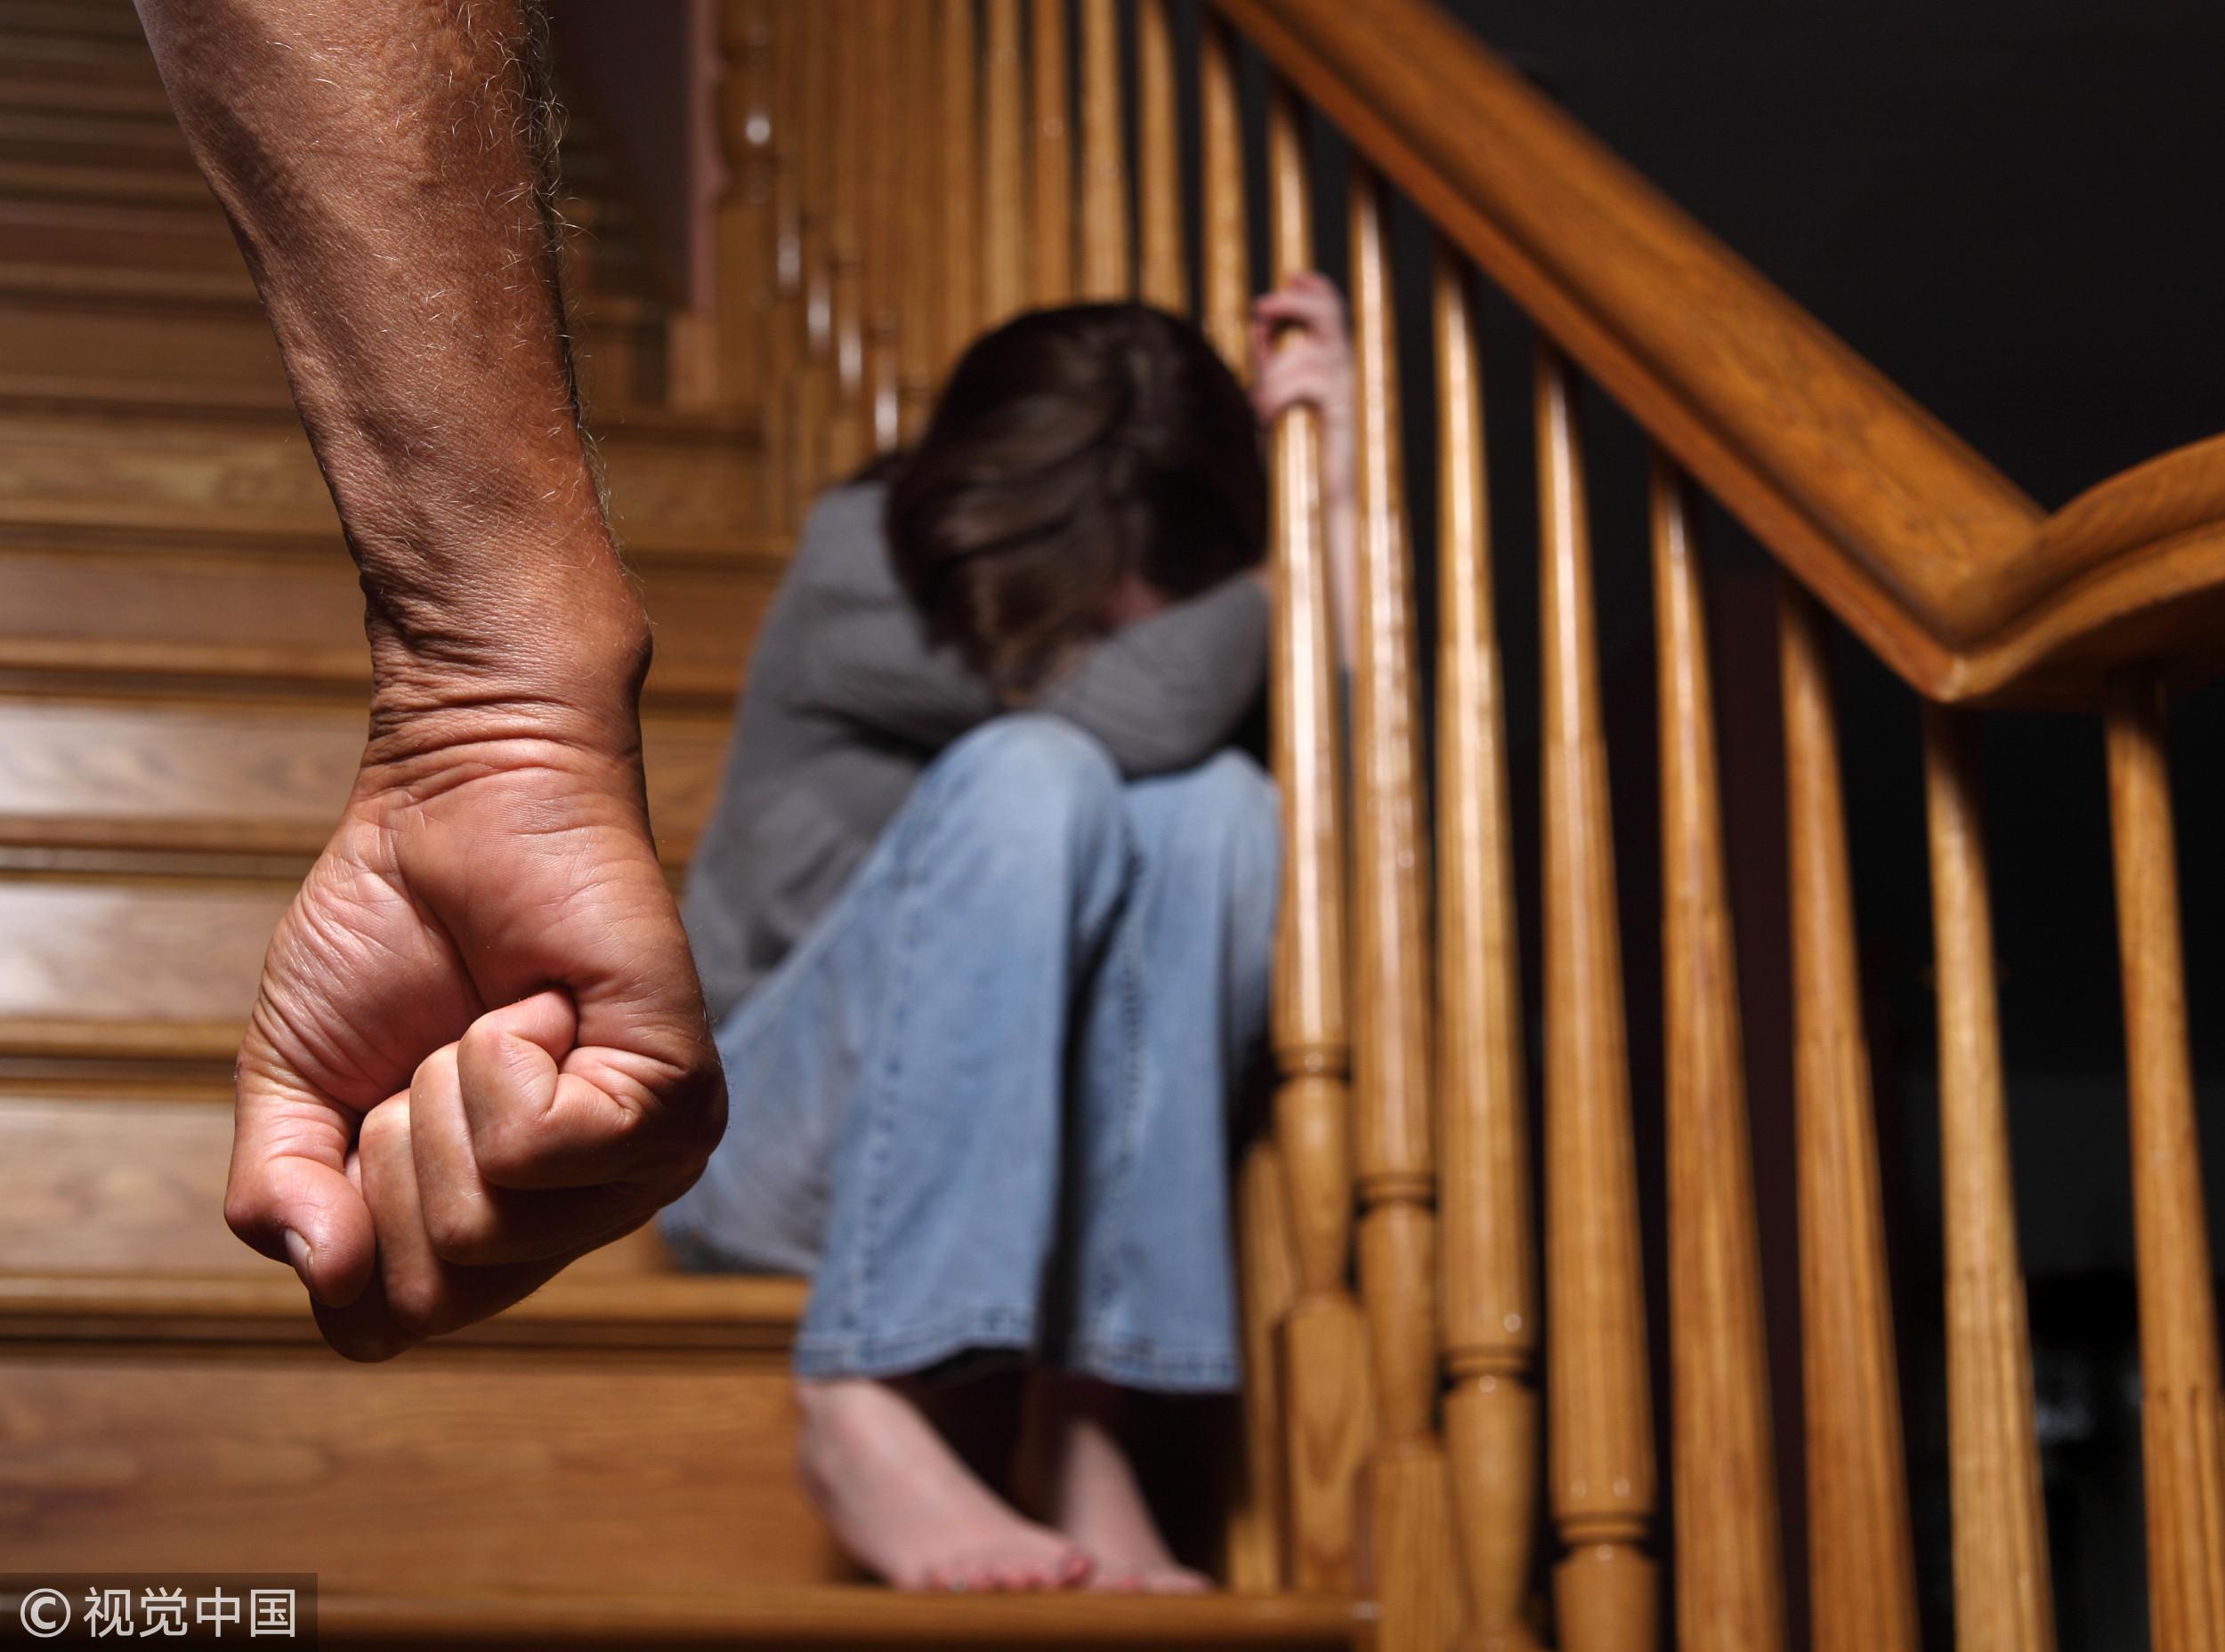 女童,女孩,女童示意圖,性侵,猥褻,騷擾,綁架,家暴,虐待,性虐待。(圖/CFP)